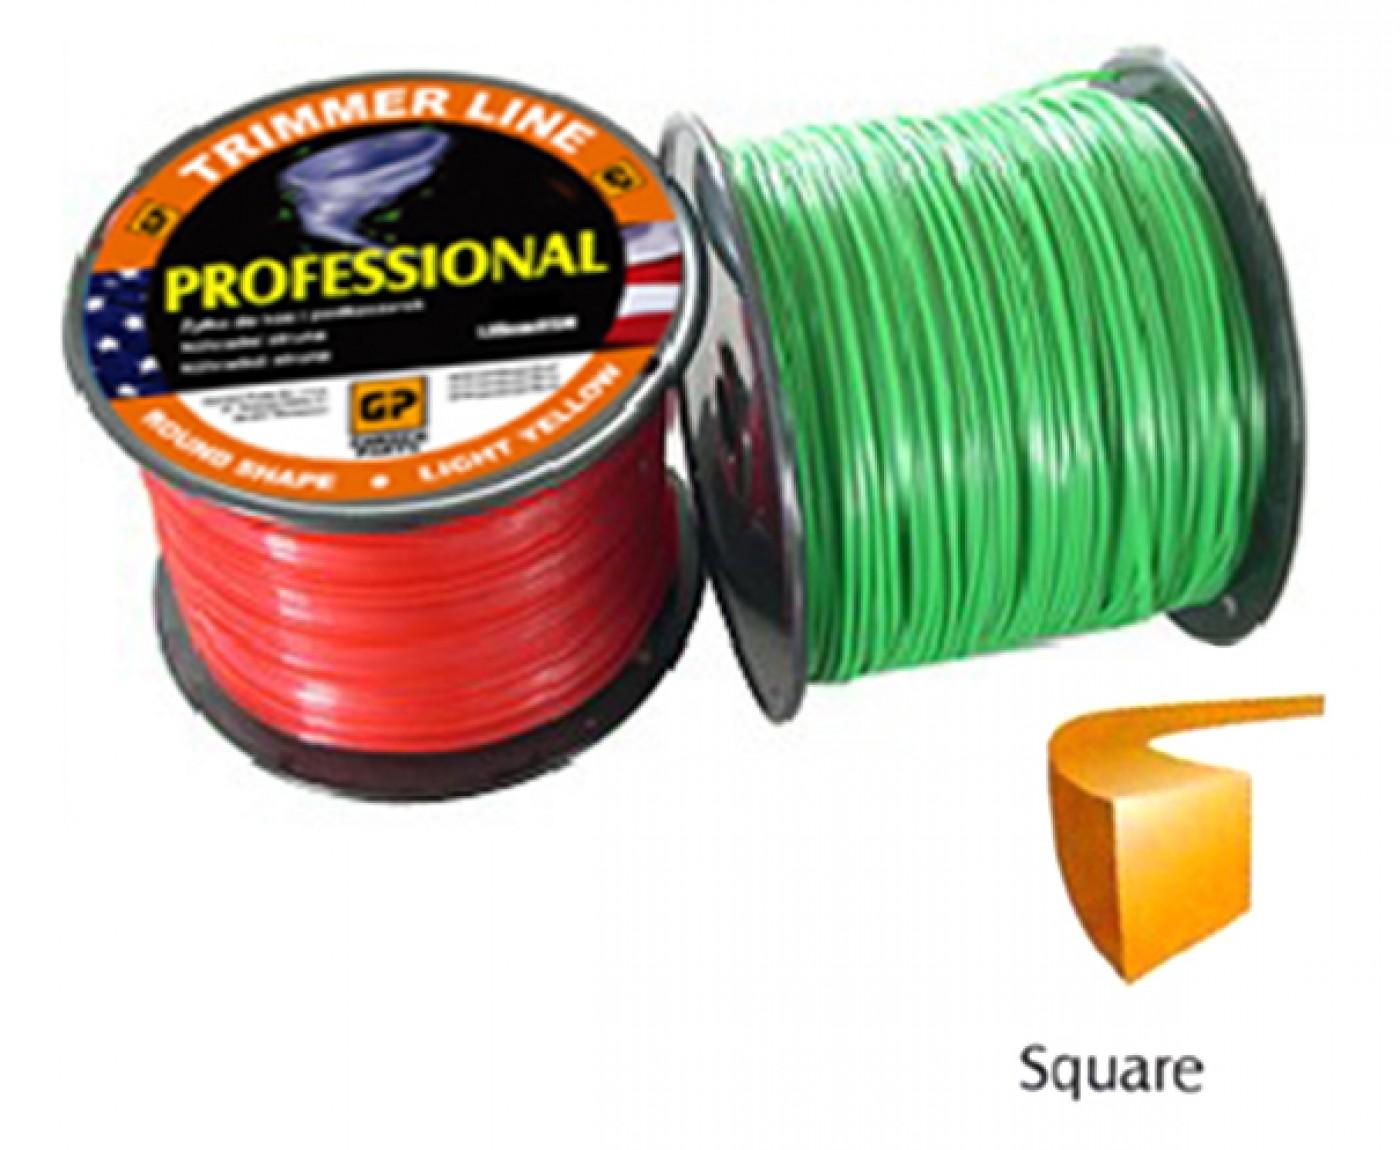 Žací struna univerzální - čtvercová 2,65mm x 324M